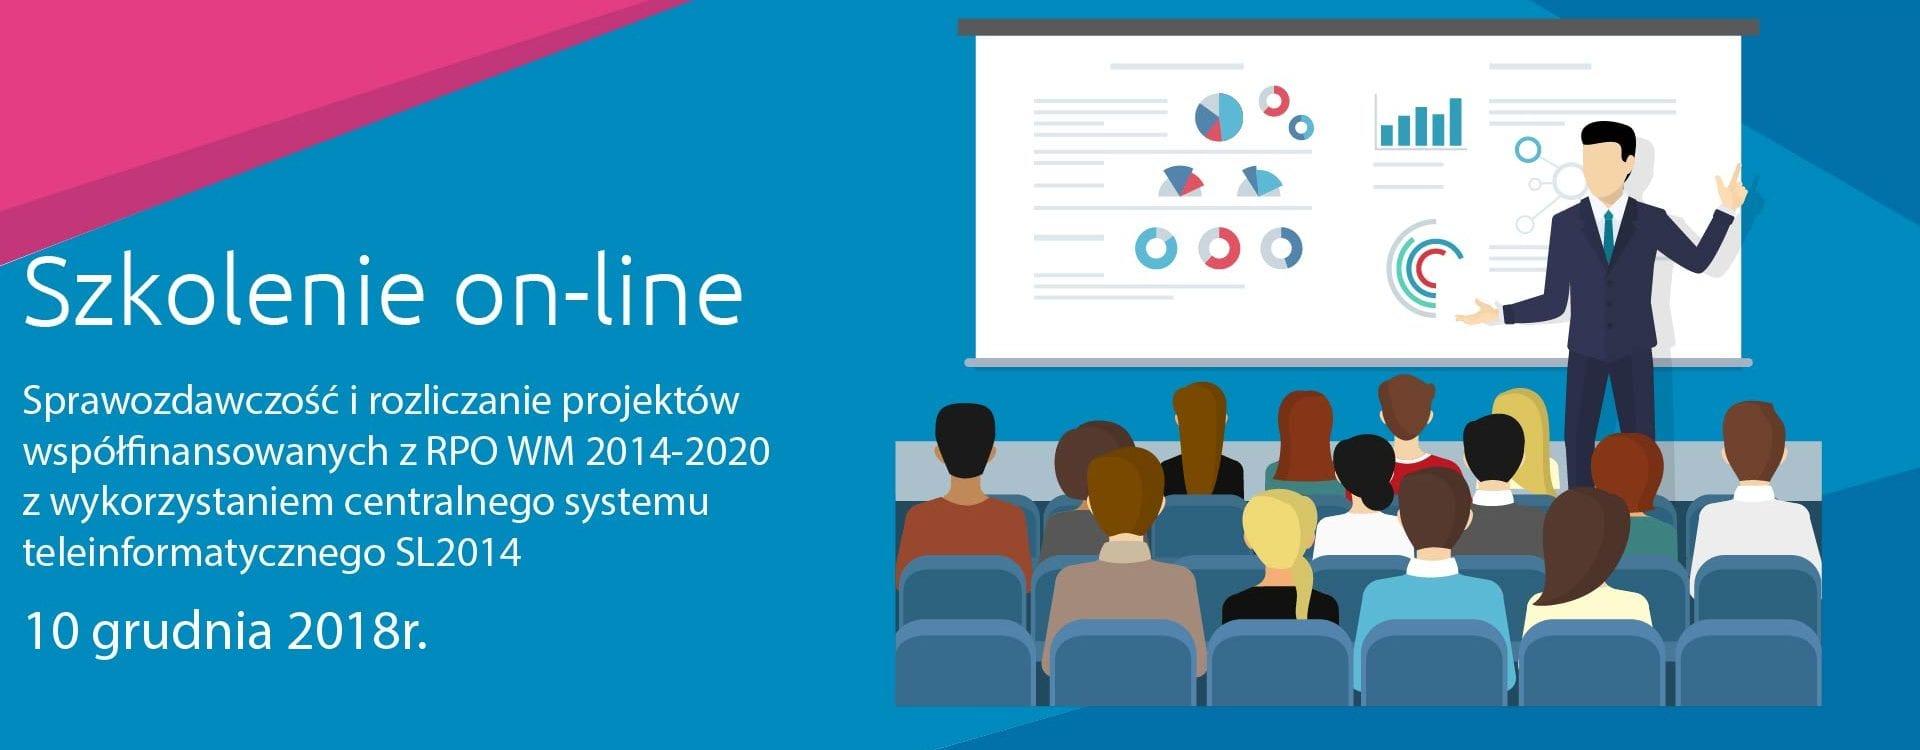 Zapraszamy na transmisję szkolenia on-line pt. Sprawozdawczość i rozliczanie projektów współfinansowanych z RPO WM 2014-2020 z wykorzystaniem centralnego systemu teleinformatycznego SL2014